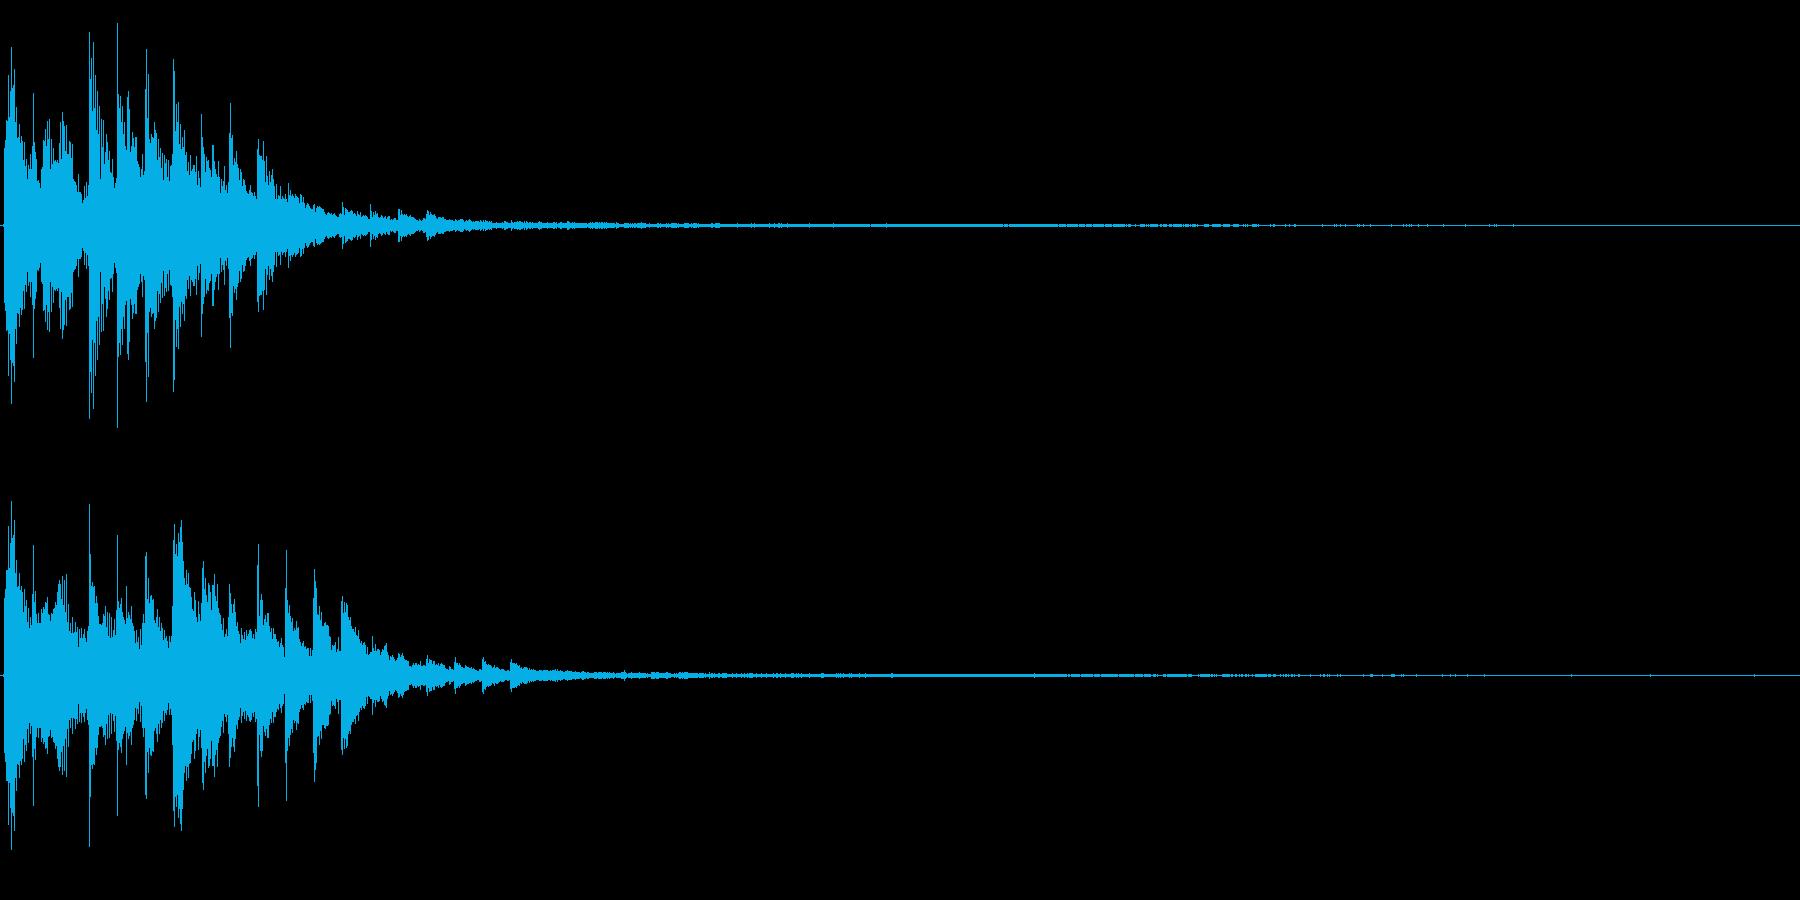 パネルオープン 情報公開 アイテムゲットの再生済みの波形